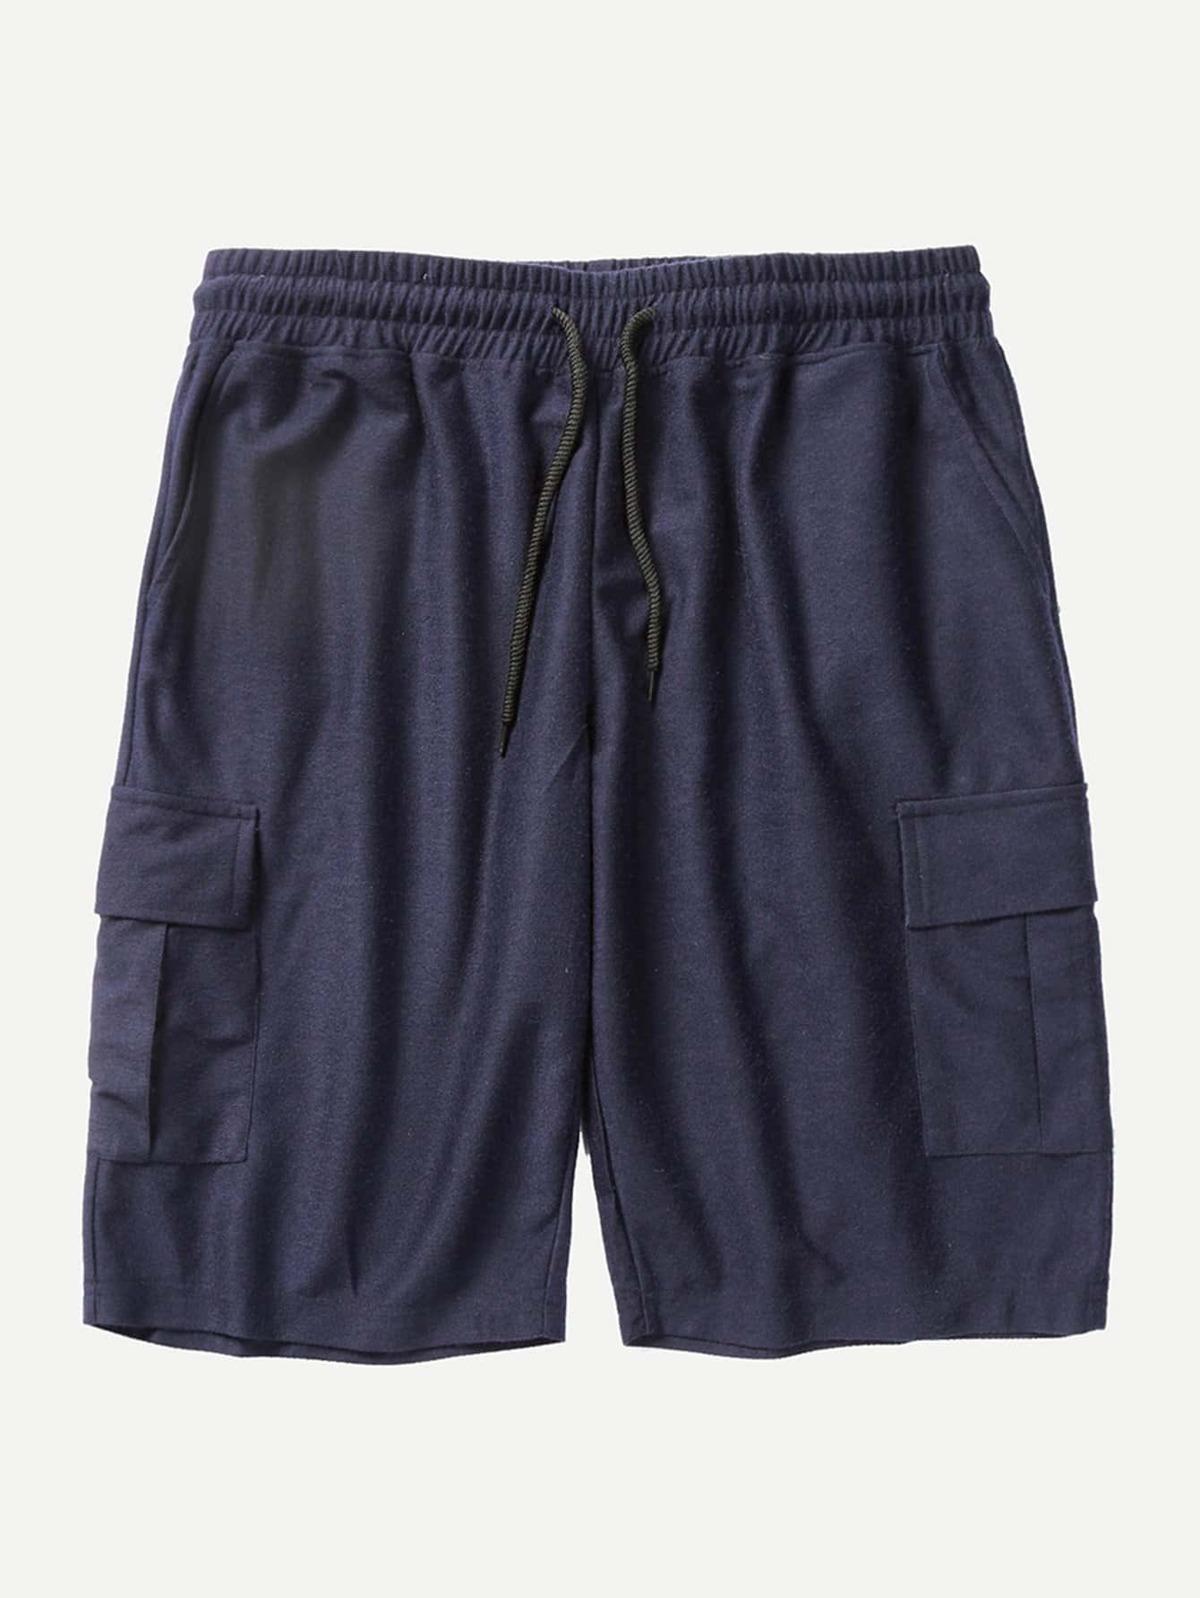 男人 仇Us 裝飾 束帶 短褲